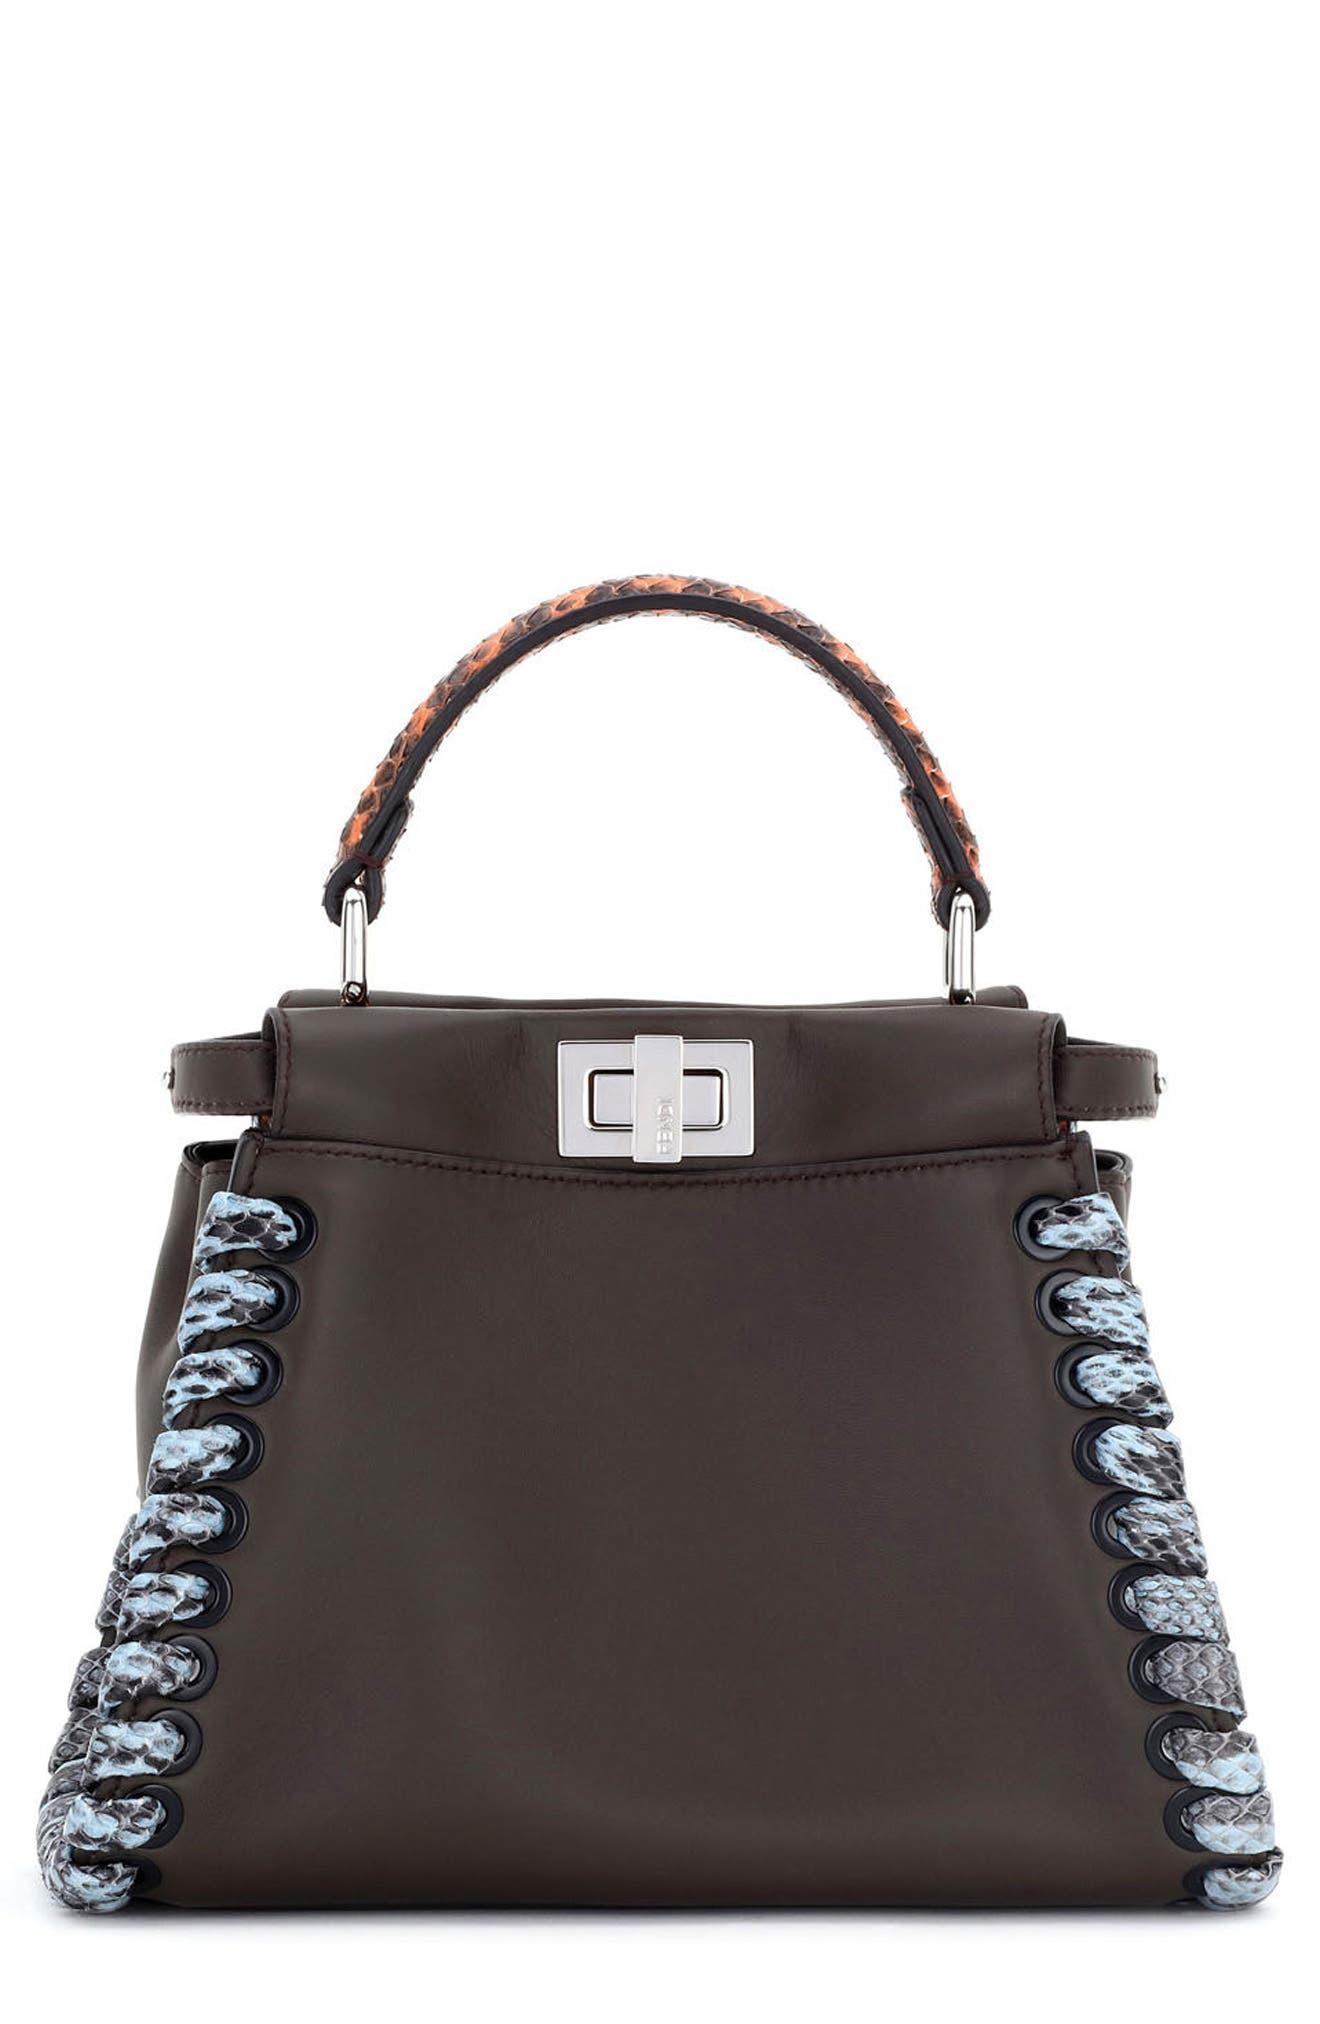 Alternate Image 1 Selected - Fendi Mini Peekaboo Leather & Genuine Snakeskin Satchel